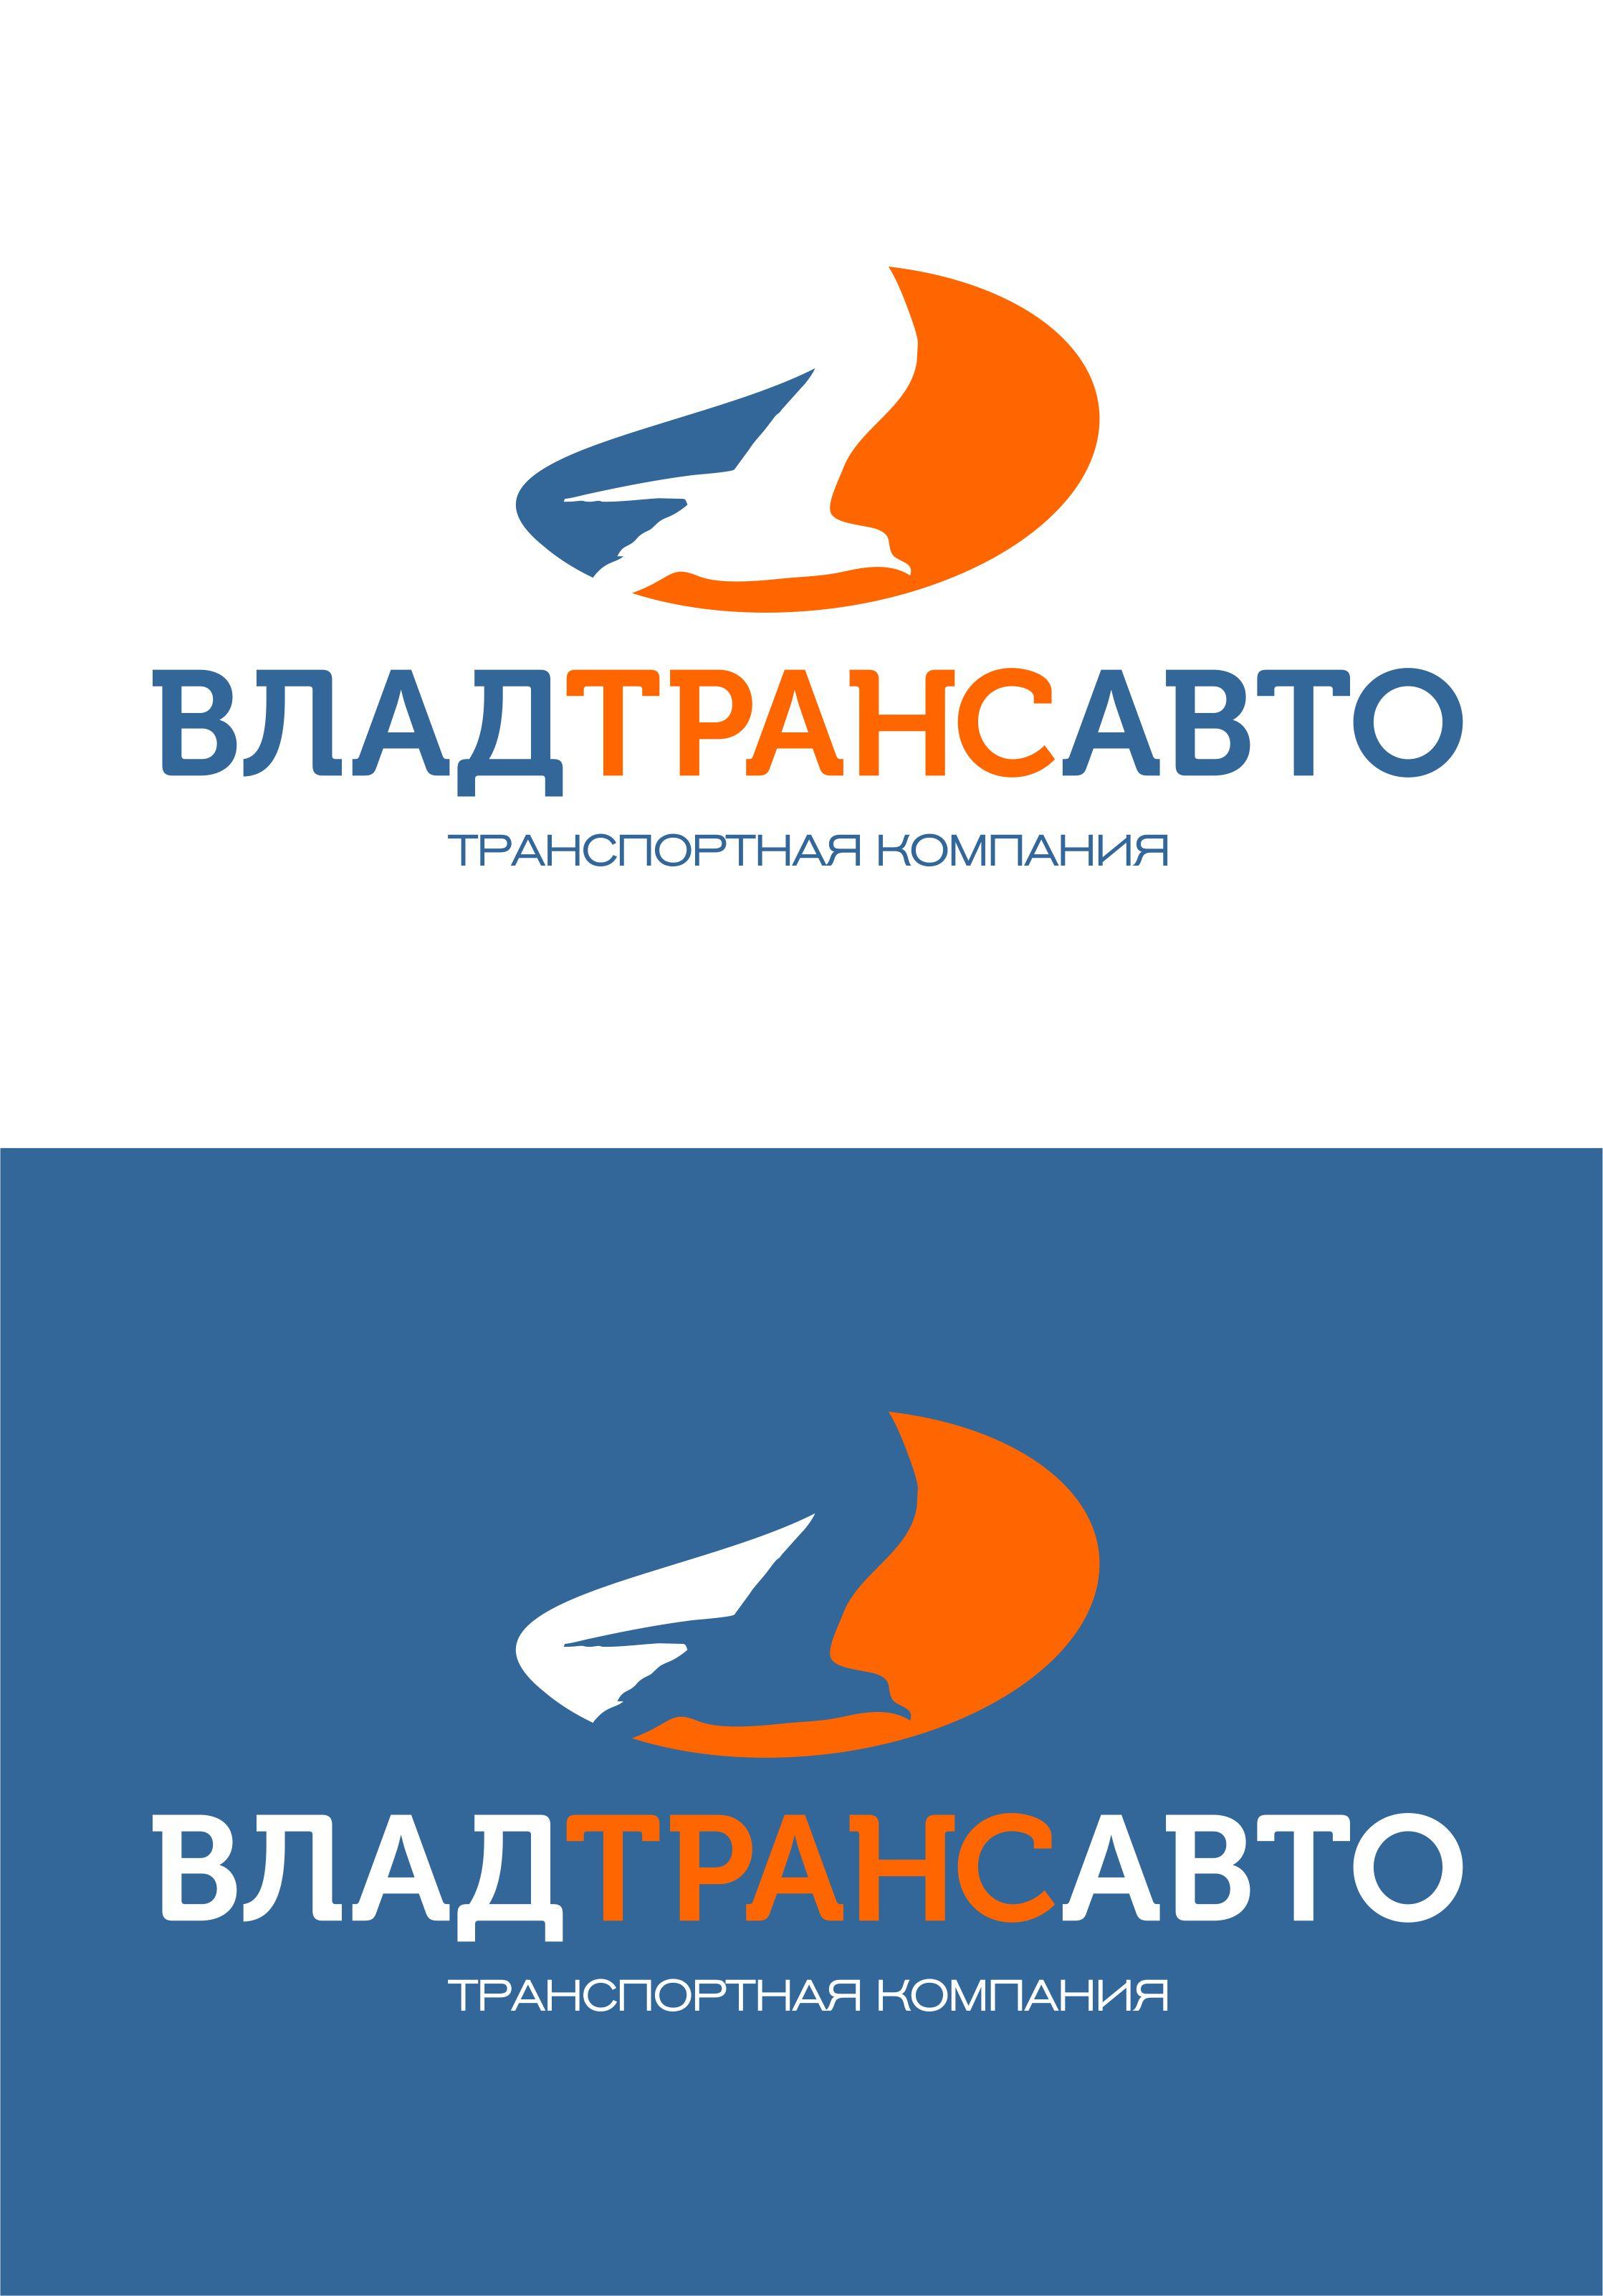 Логотип и фирменный стиль для транспортной компании Владтрансавто фото f_4435cdc21f0eb81f.jpg